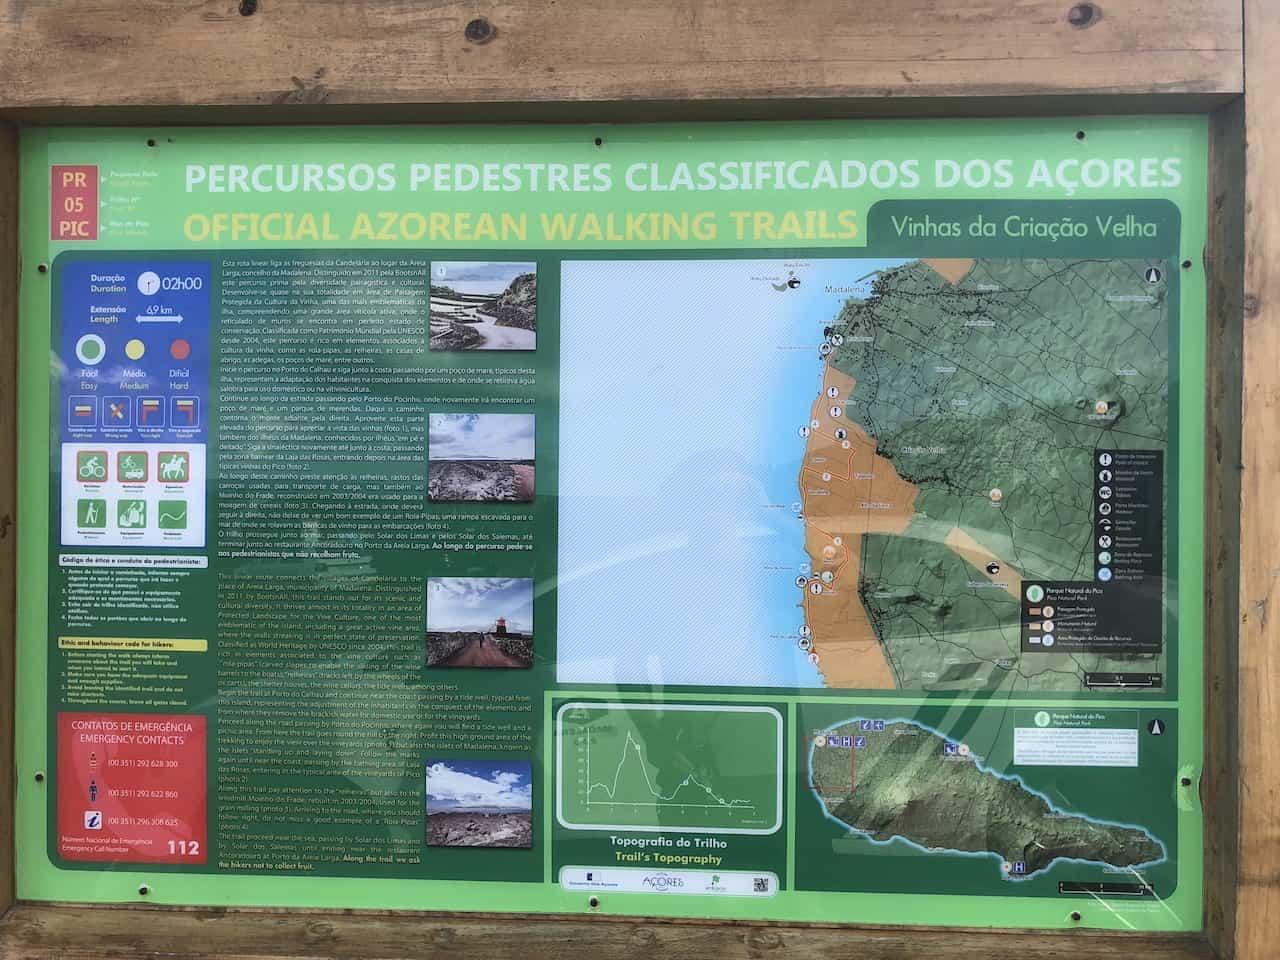 Vinhas da Criacao Velha Trail Board